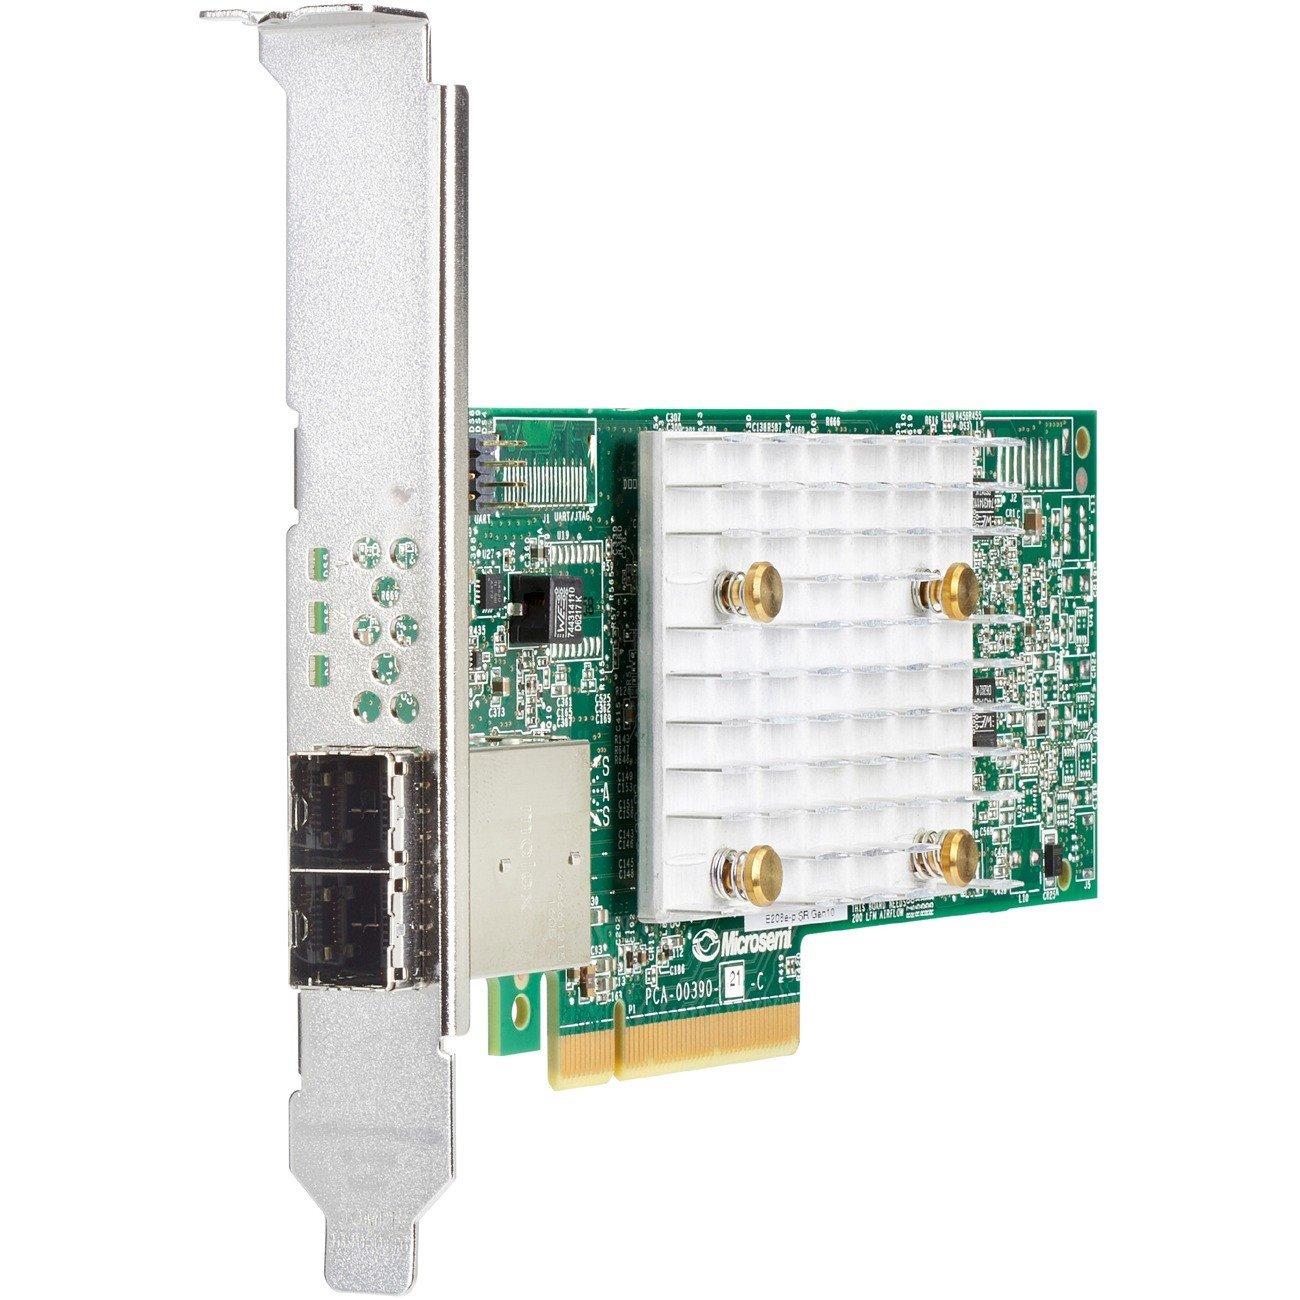 HPE Smart Array E208e-p SAS Controller - 12Gb/s SAS, Serial ATA/600 - PCI Express 3.0 x8 - Plug-in Card